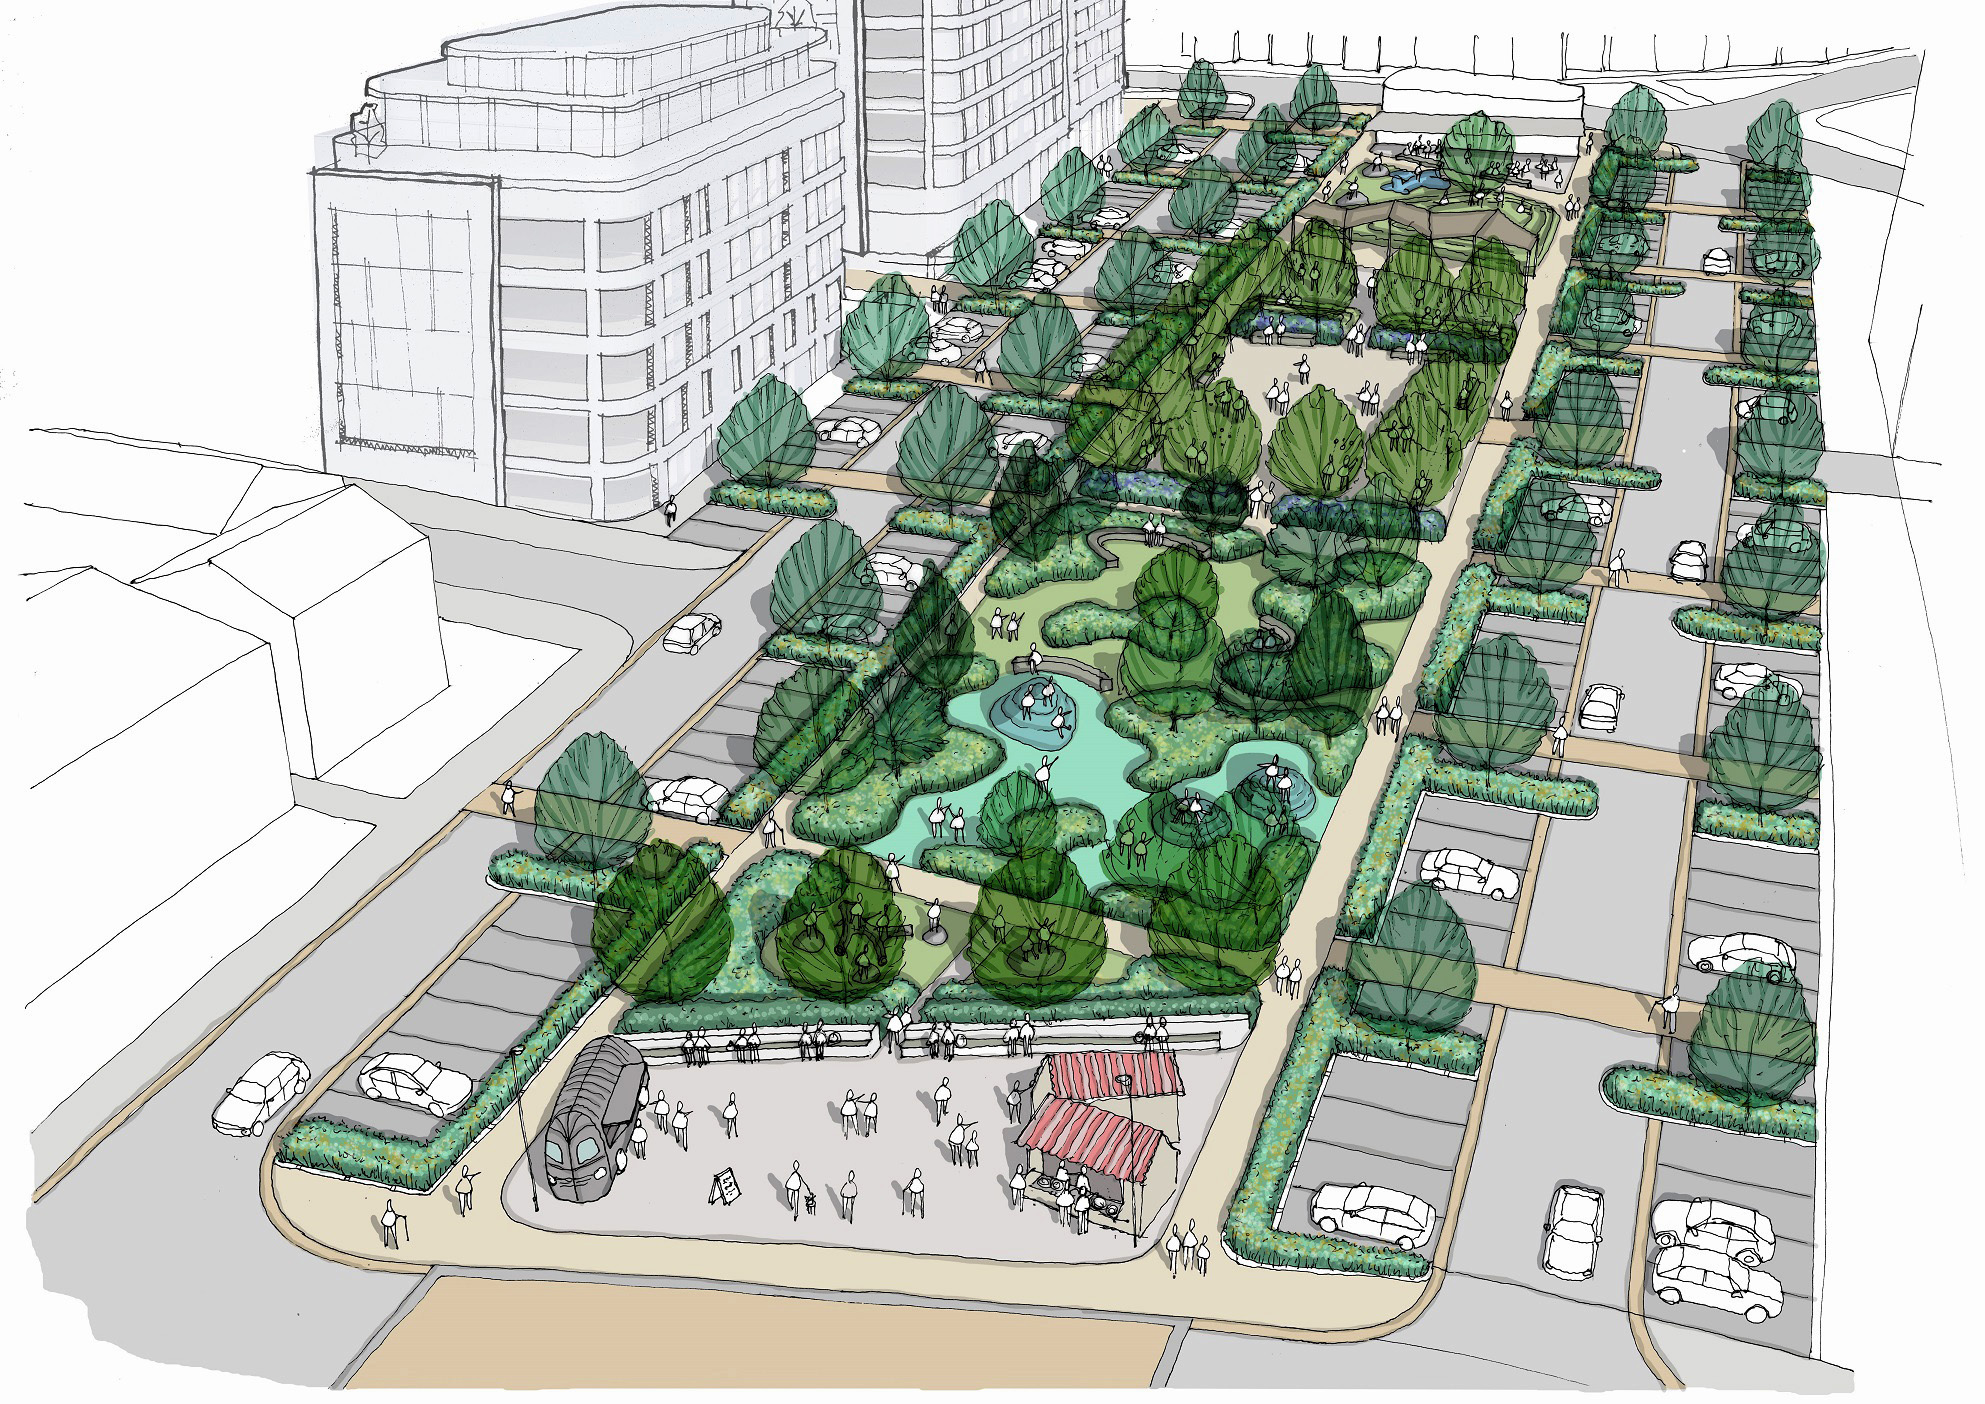 Criticism of plan for park bognor regis post for Linear architecture design